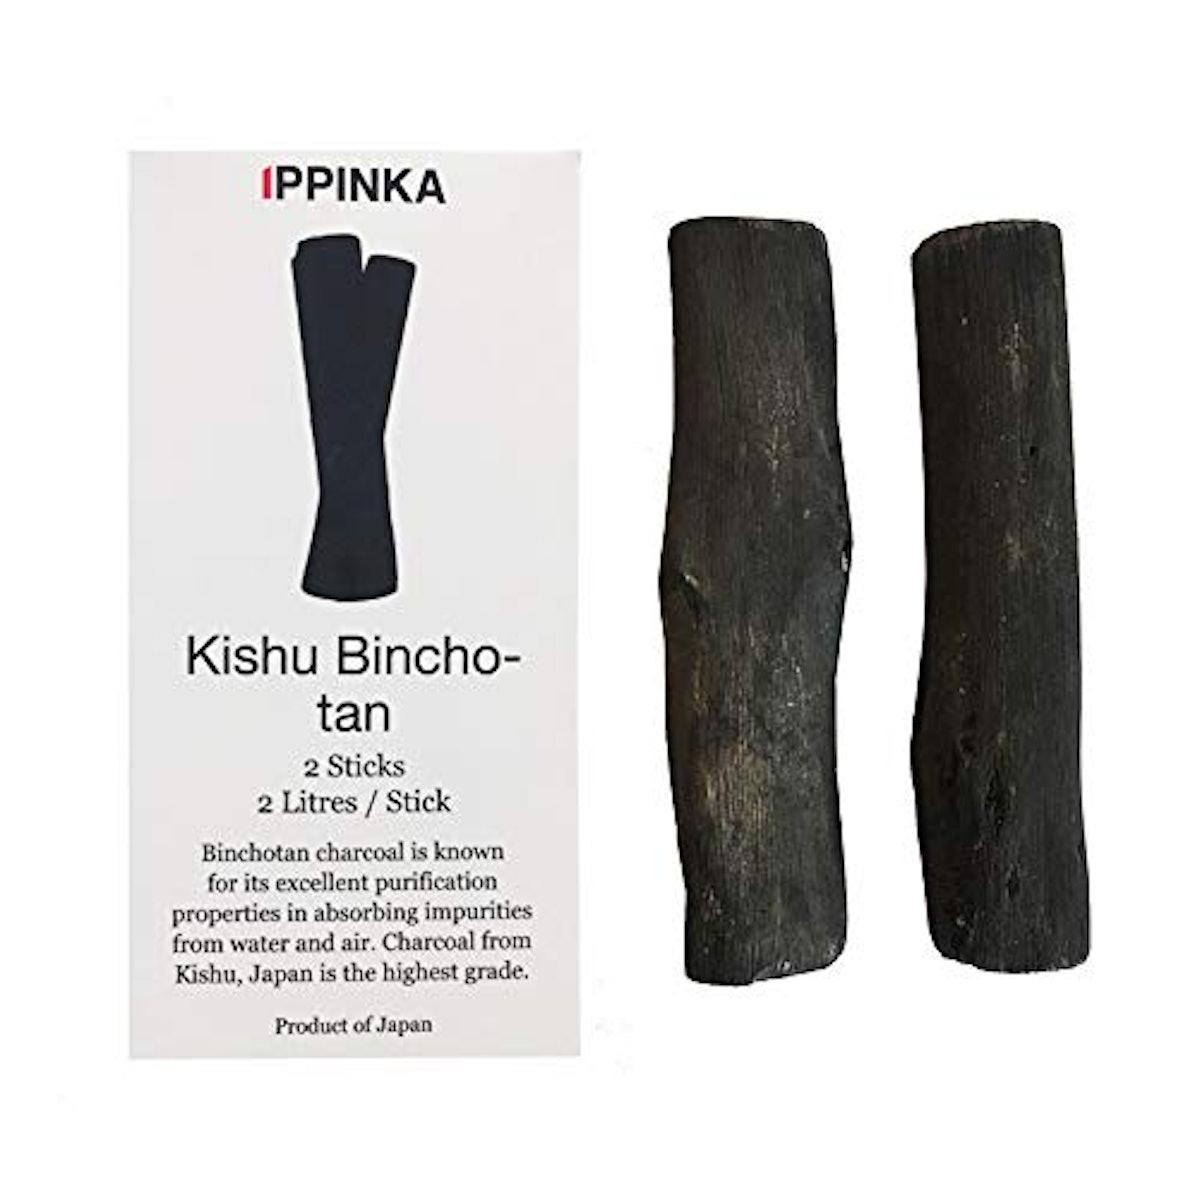 Kishu Binchotan Charcoal Sticks